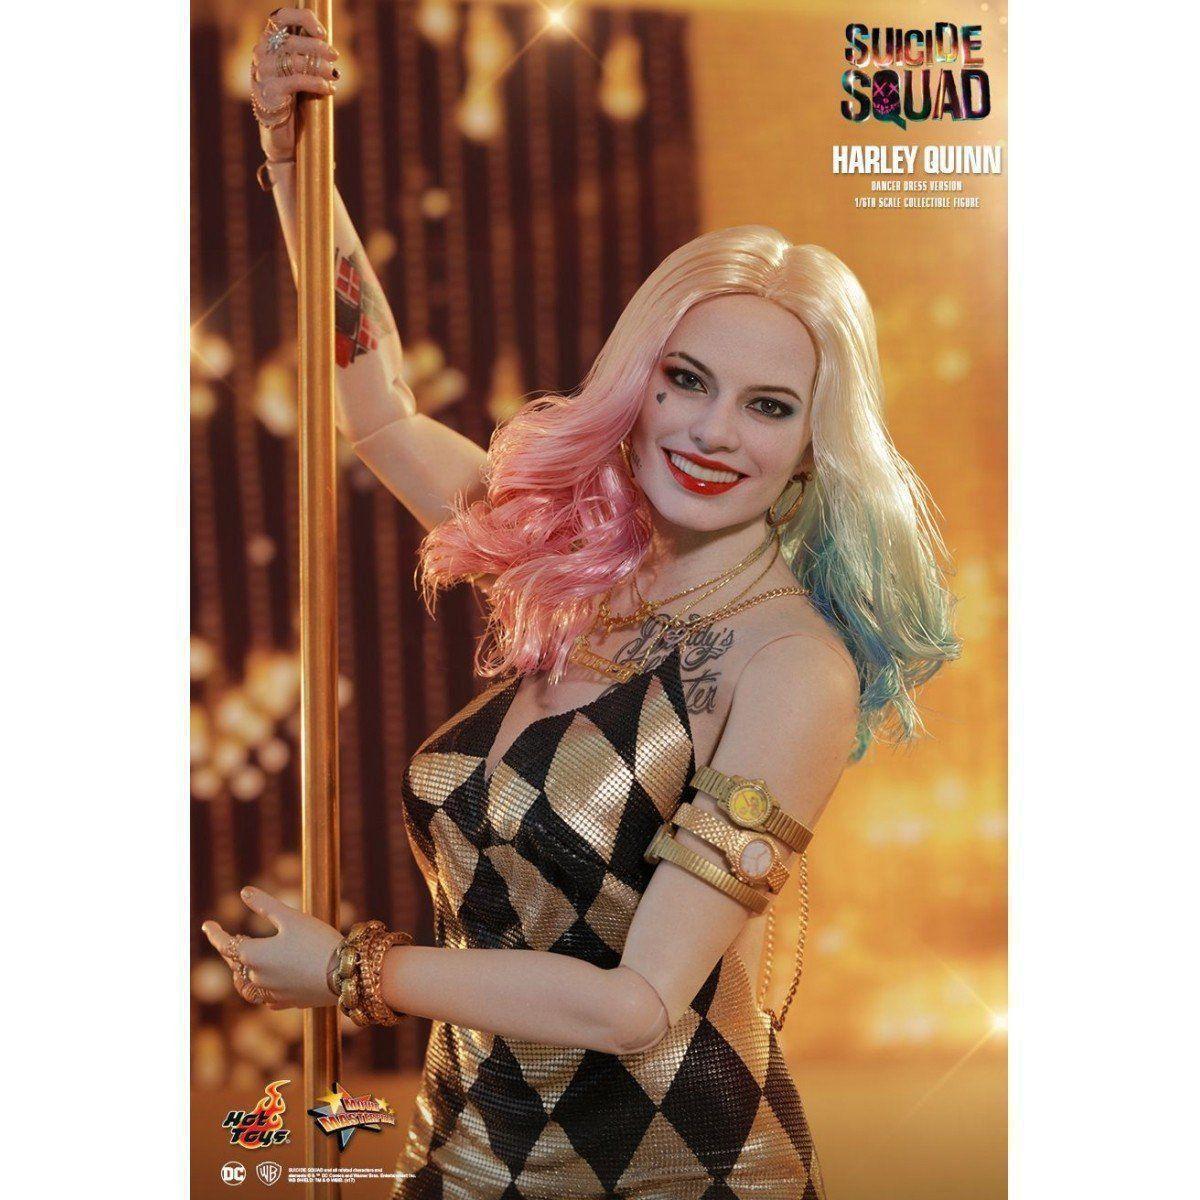 Boneco Arlequina (Harley Quinn) com Vestido de Dança (Dancer Dress Version): Esquadrão Suicida (MMS439) Escala 1/6 - Hot Toys